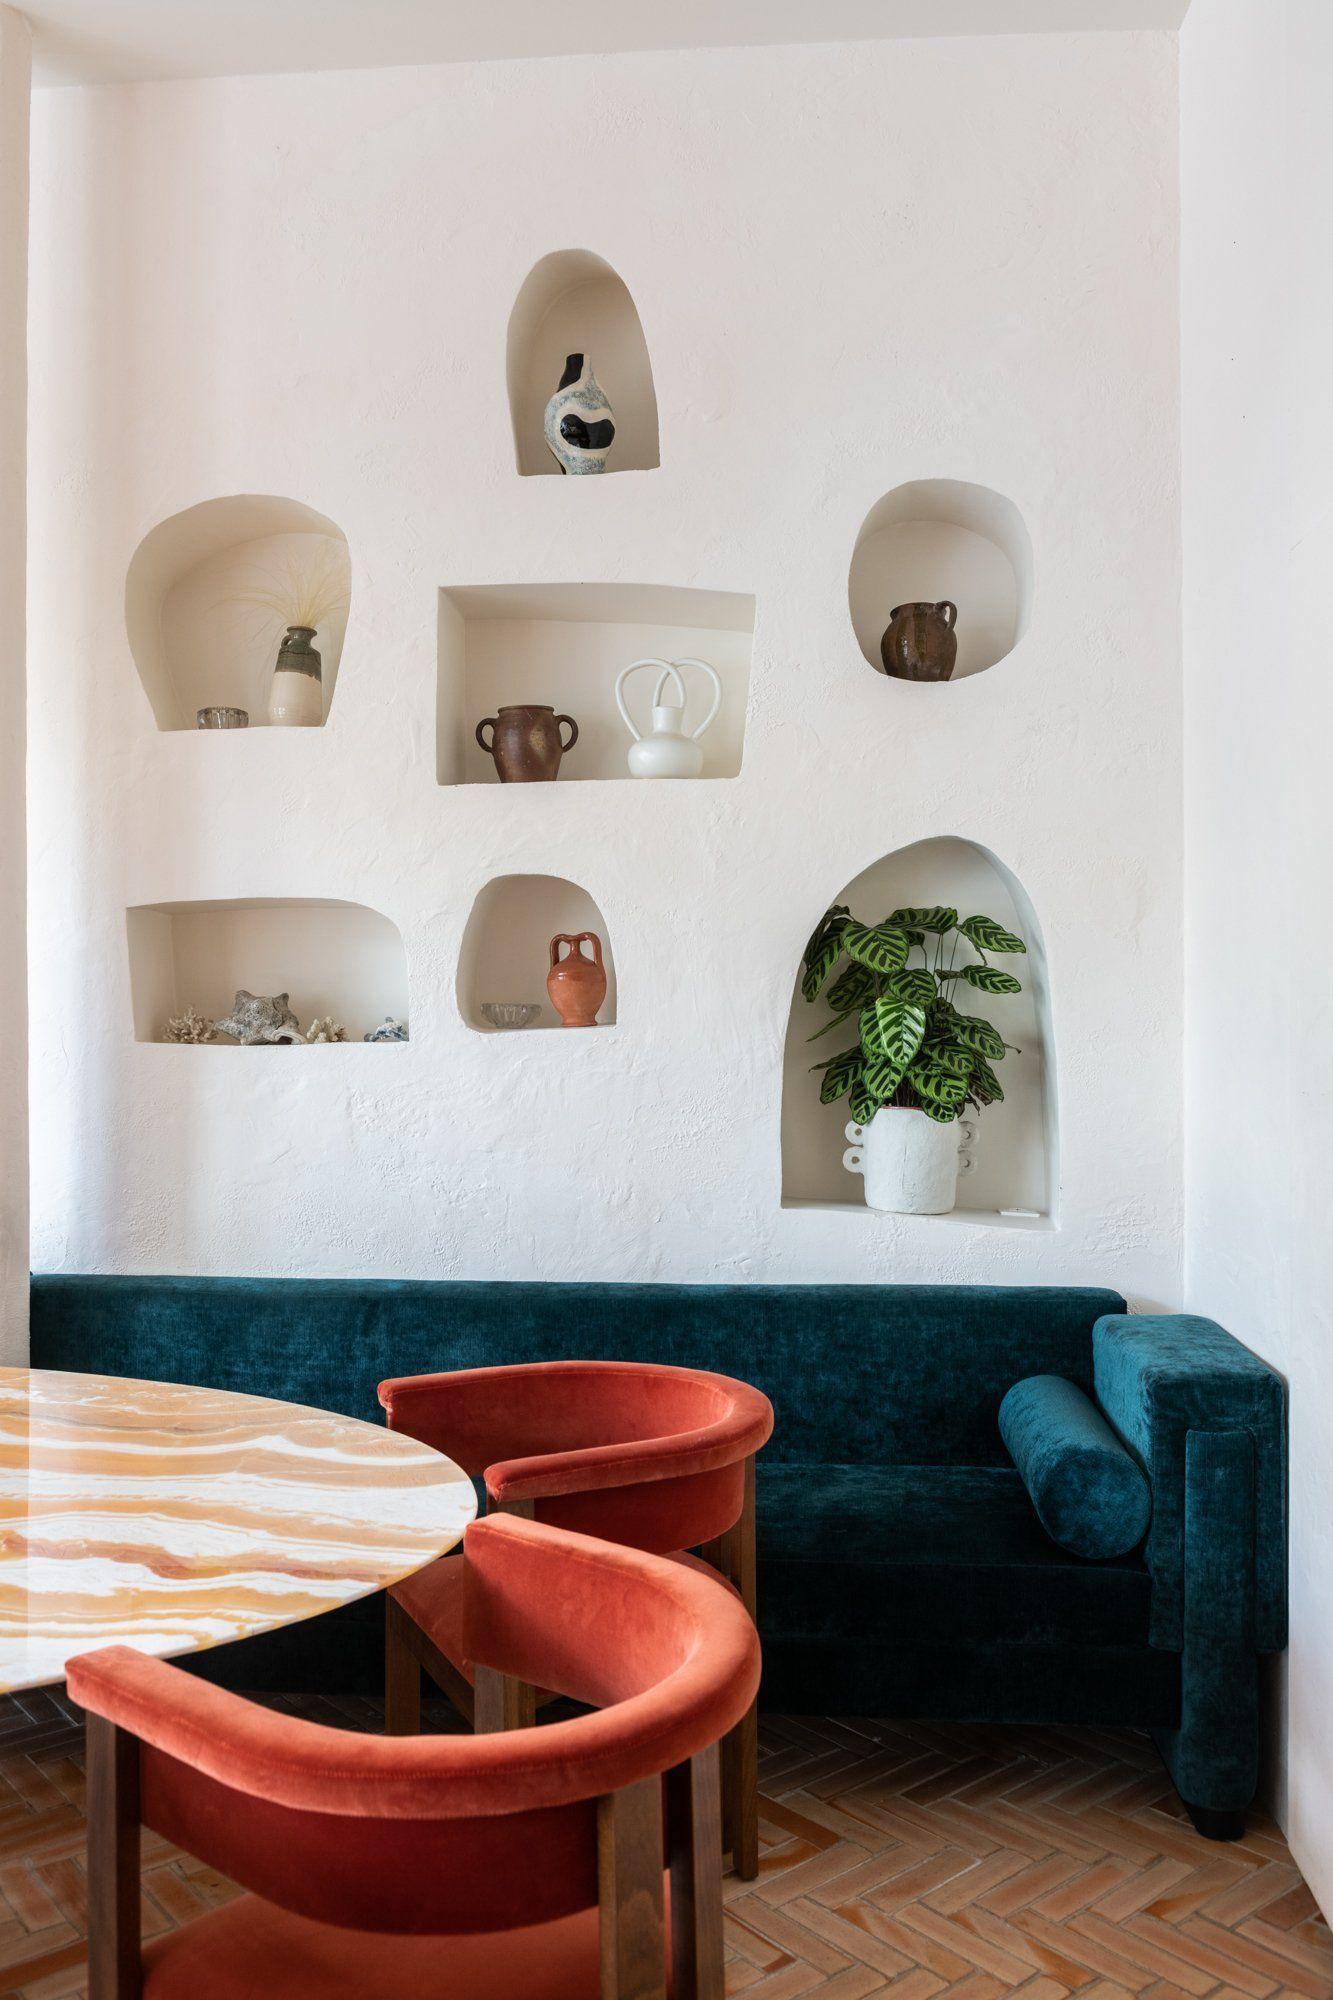 La Riviera On Dirait Le Sud Decoration Contemporaine Decoration Maison Design D Interieur Retro